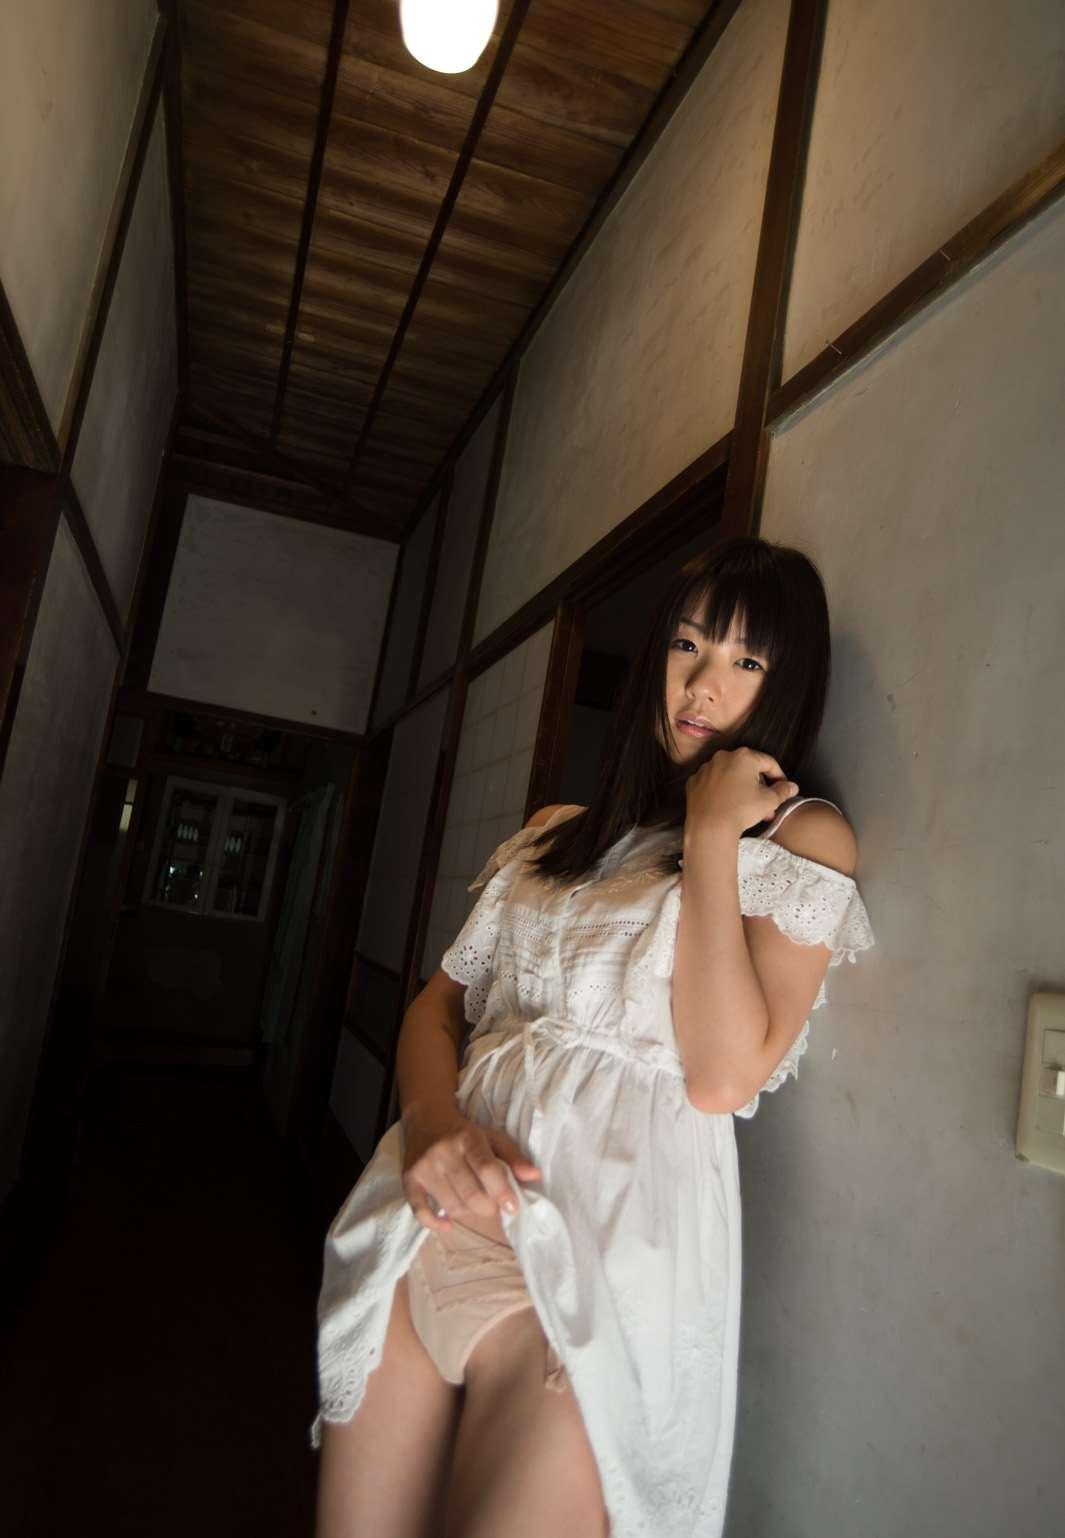 つぼみ (AV女優) ヌード画像 13